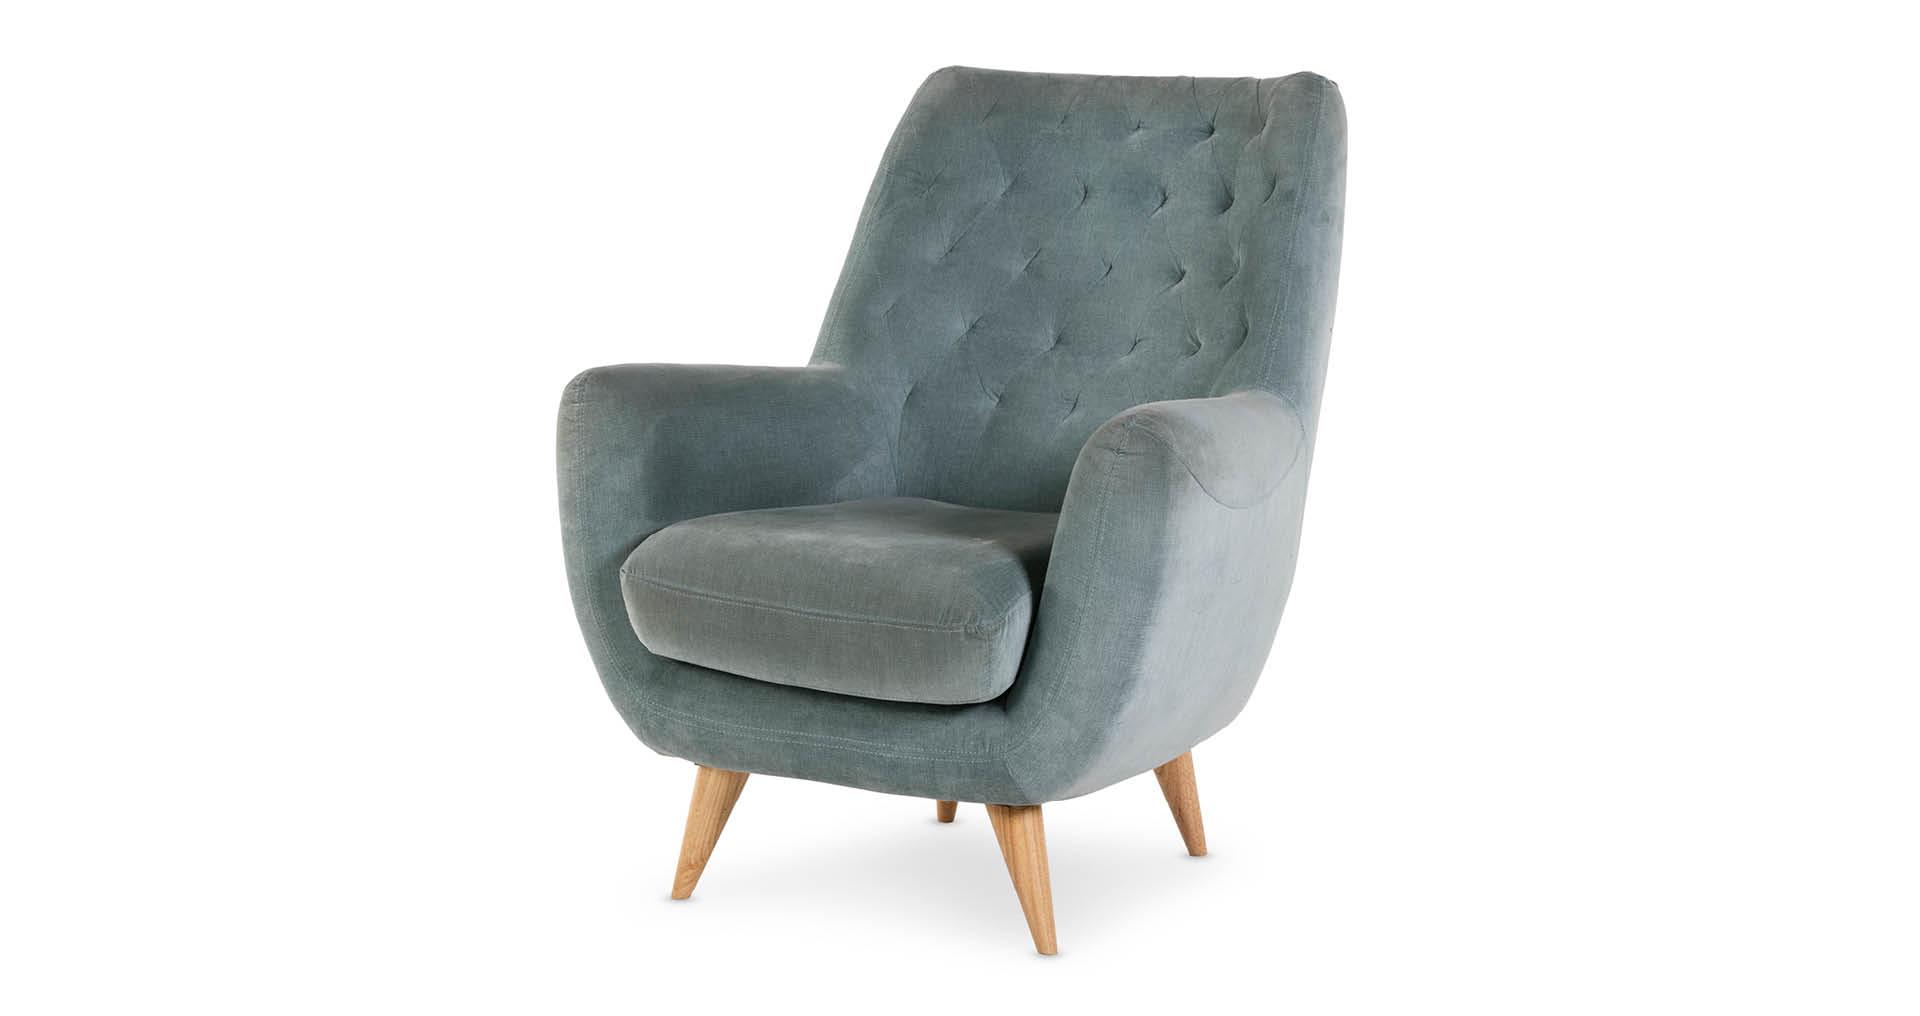 כורסא ברטיל בגוון תכלת אקווה